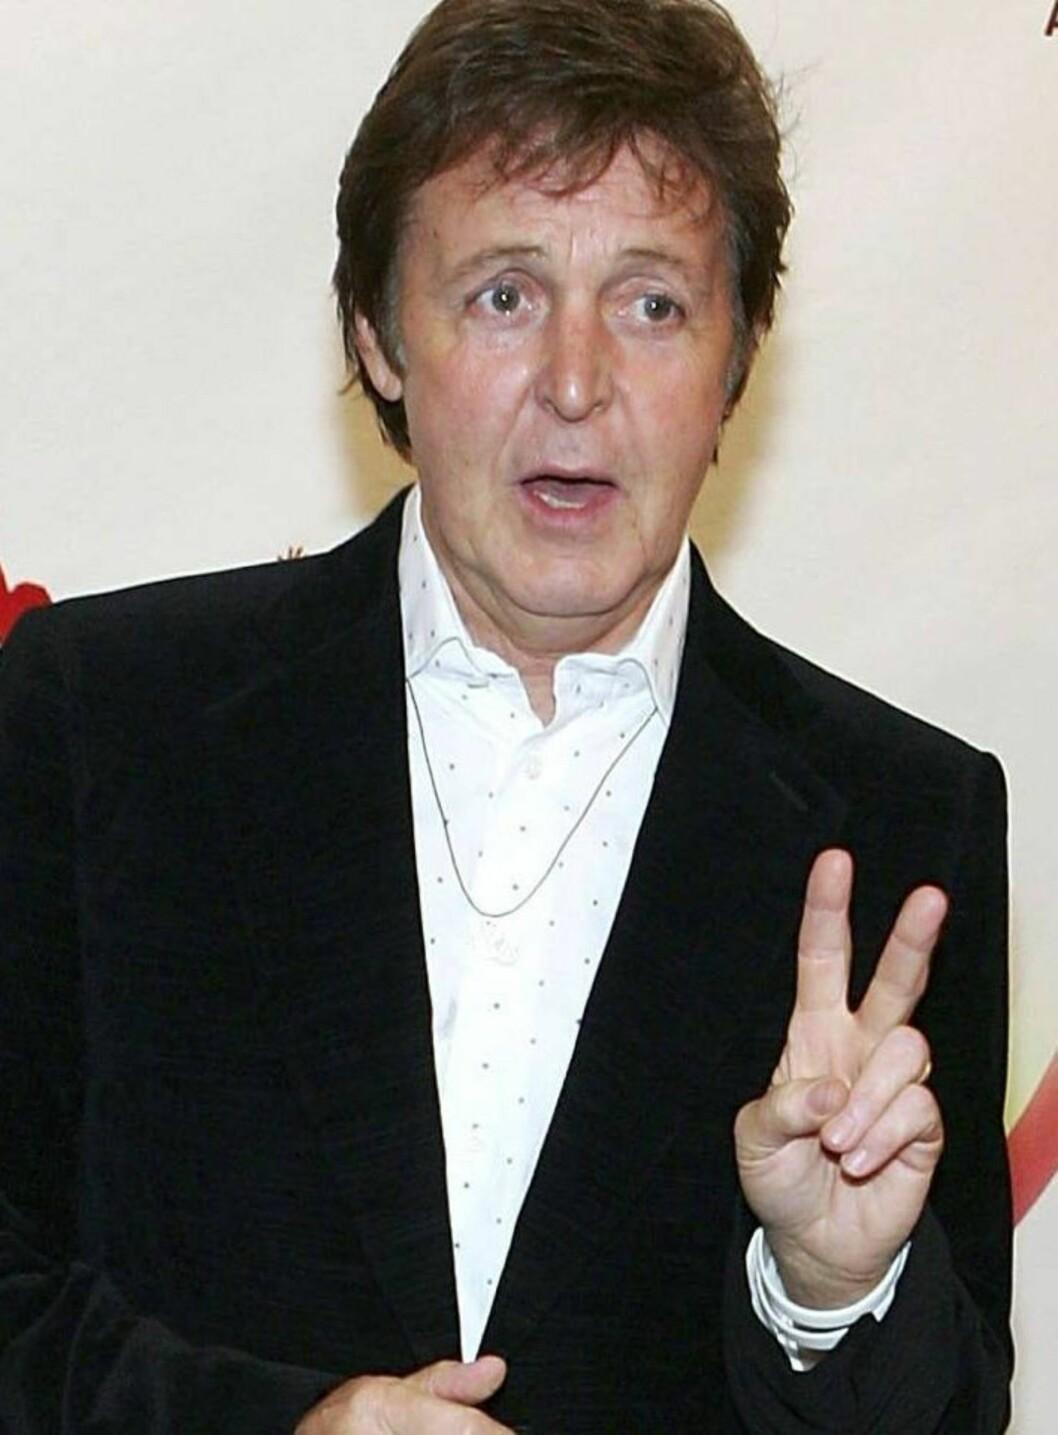 <strong>SMILER IGJEN:</strong> Paul McCartney dro på byen uten Heather - og kunne endelig smile igjen. Foto: All Over Press